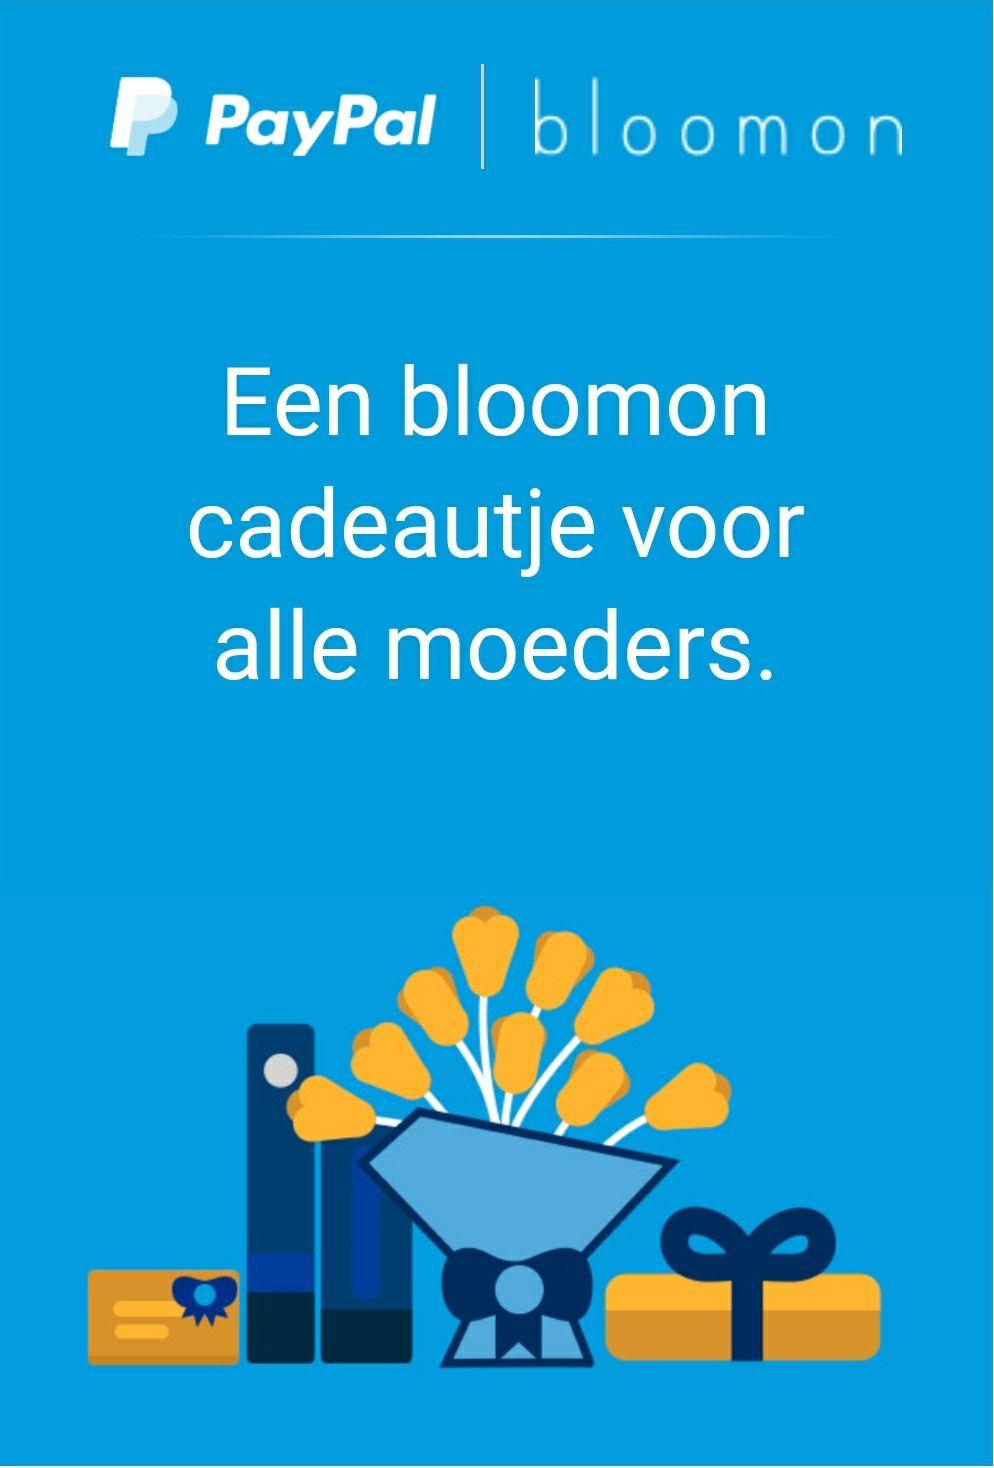 Gratis kaartje bij bestelling bloemen voor Moederdag @ Bloomon